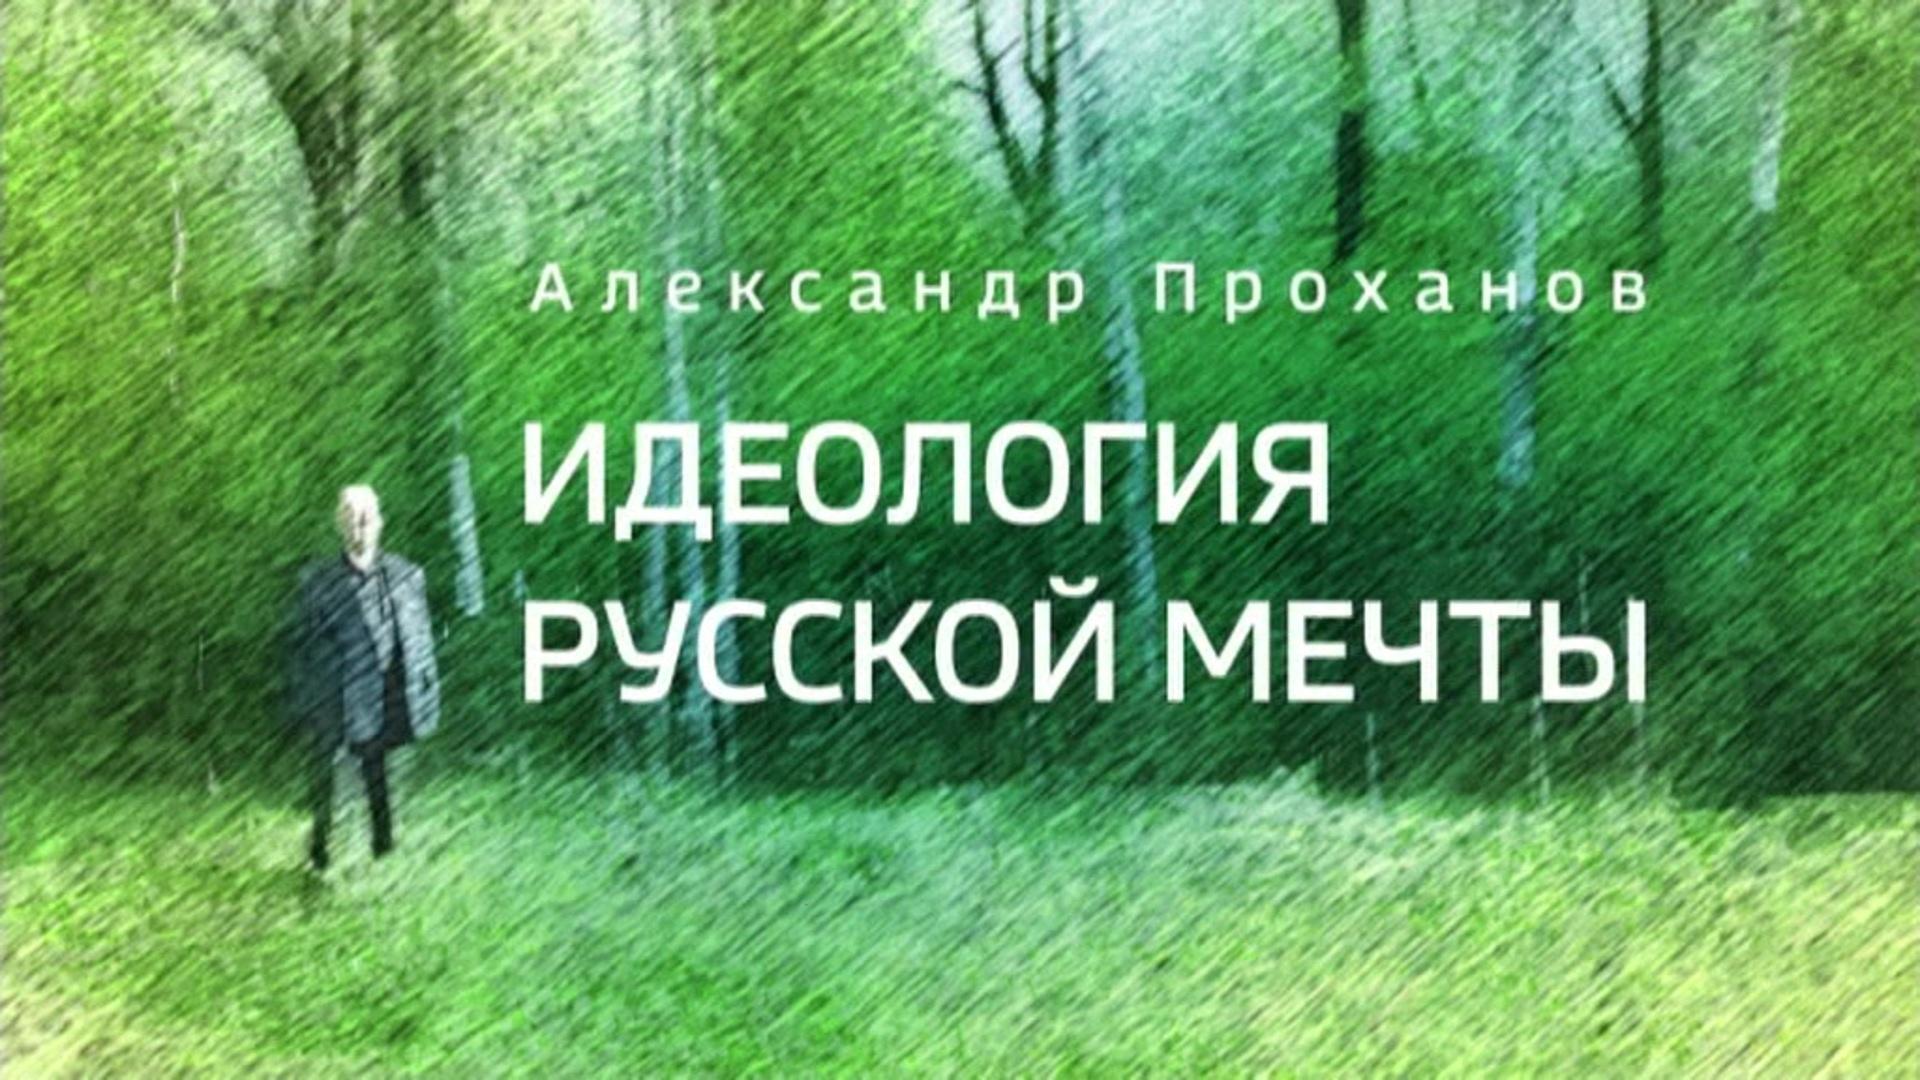 Александр Проханов. Идеология русской мечты